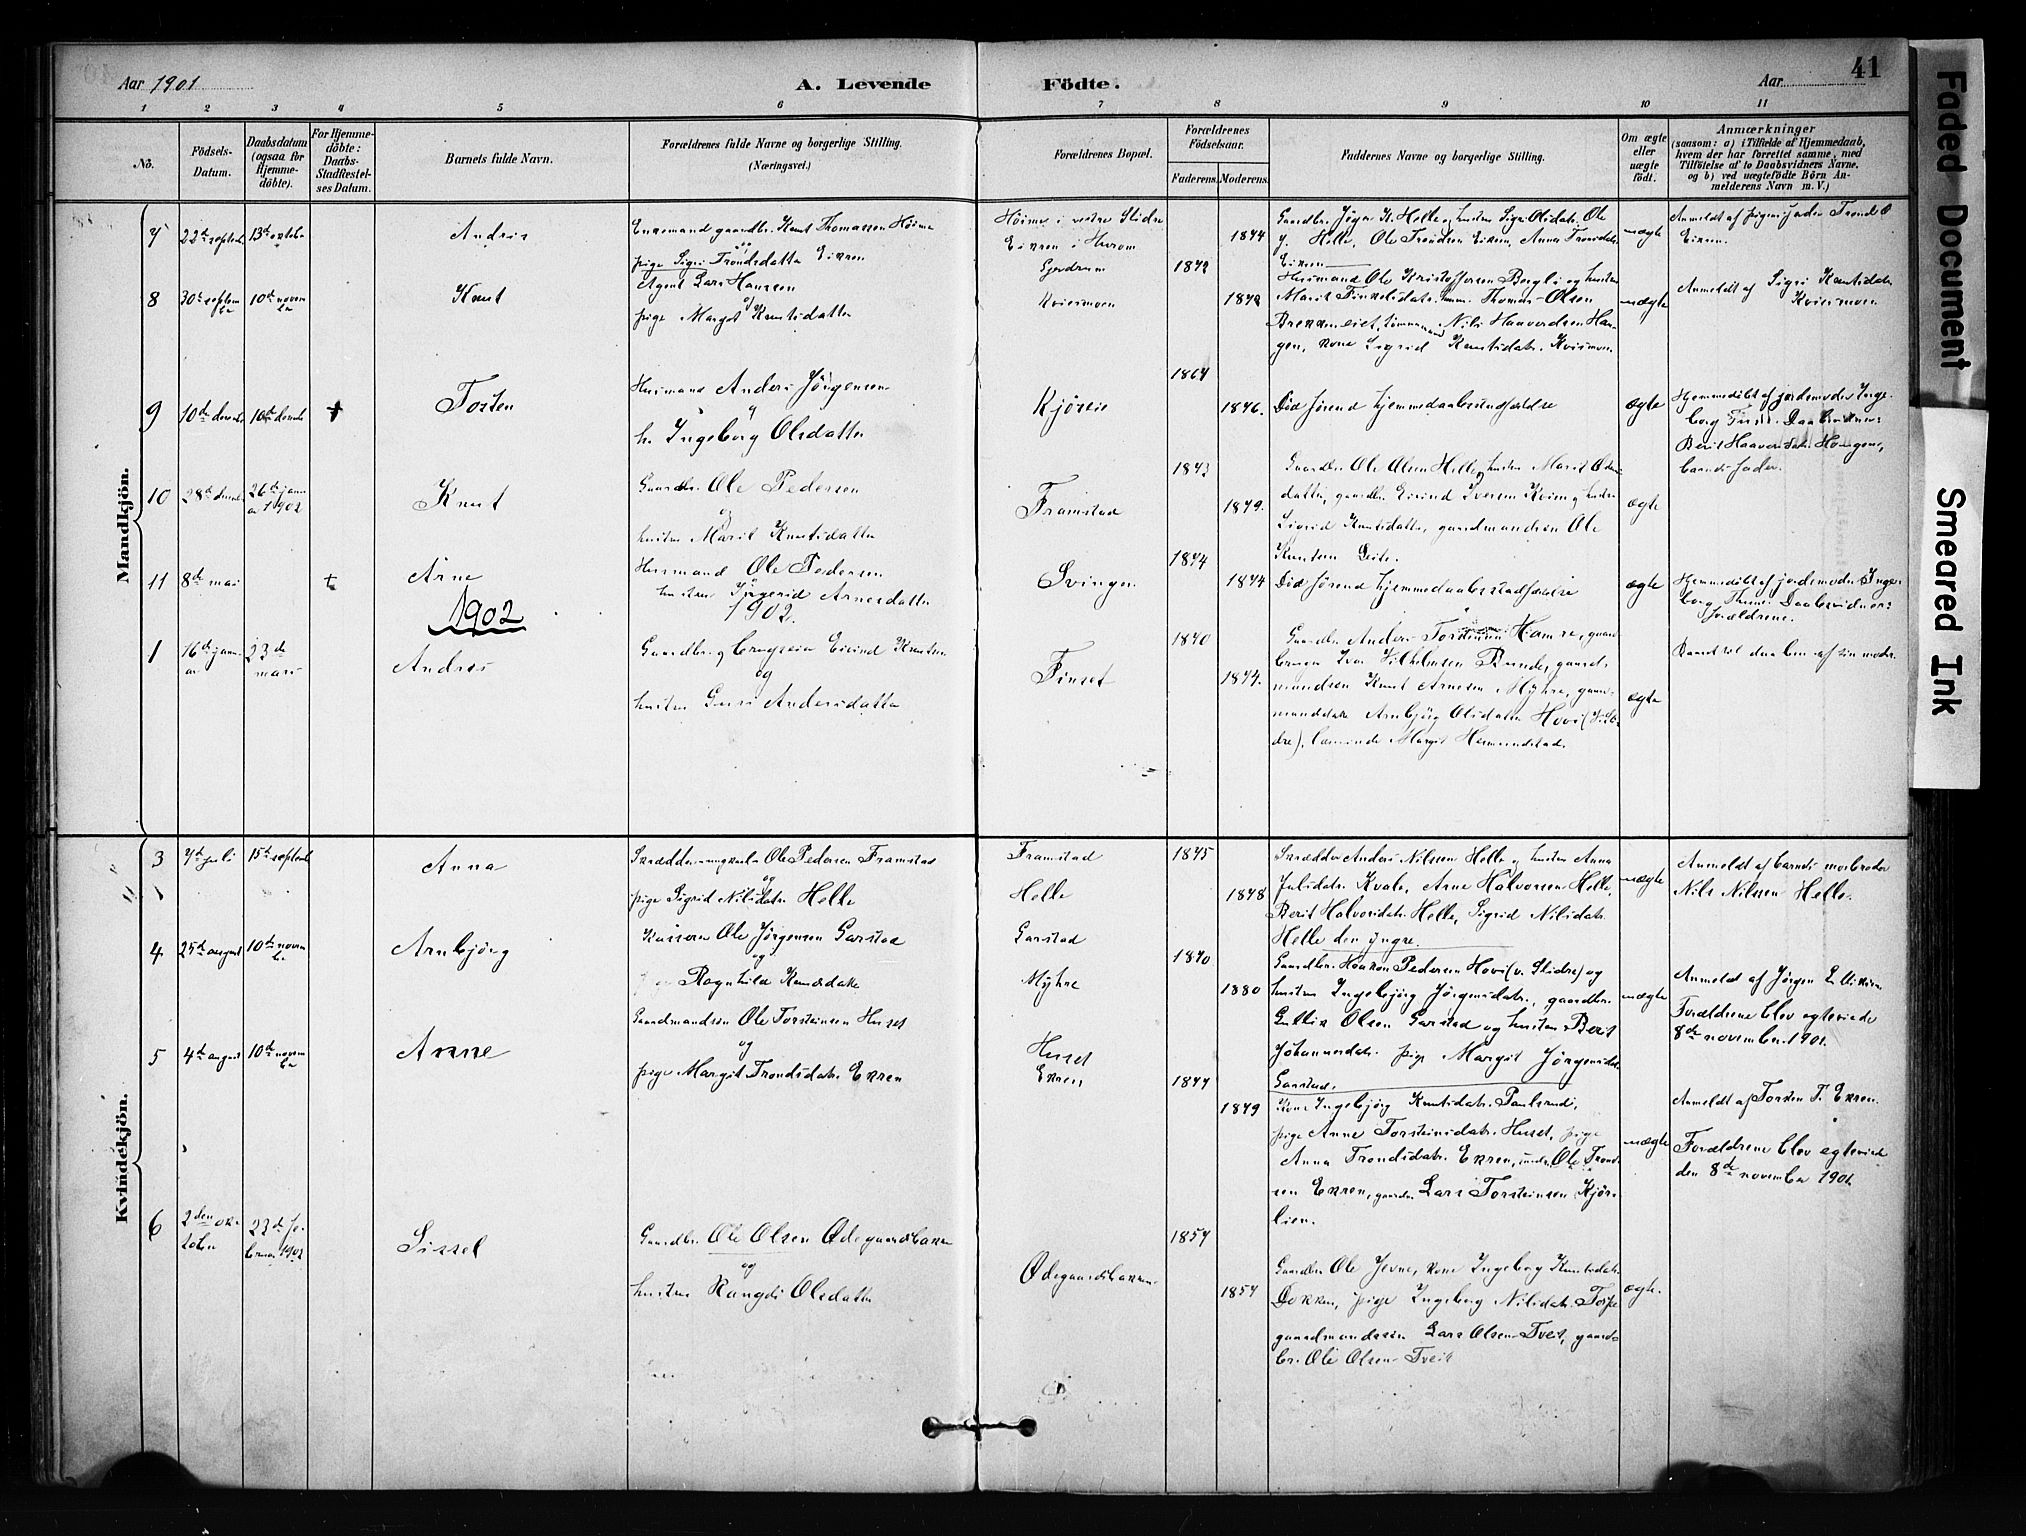 SAH, Vang prestekontor, Valdres, Ministerialbok nr. 9, 1882-1914, s. 41